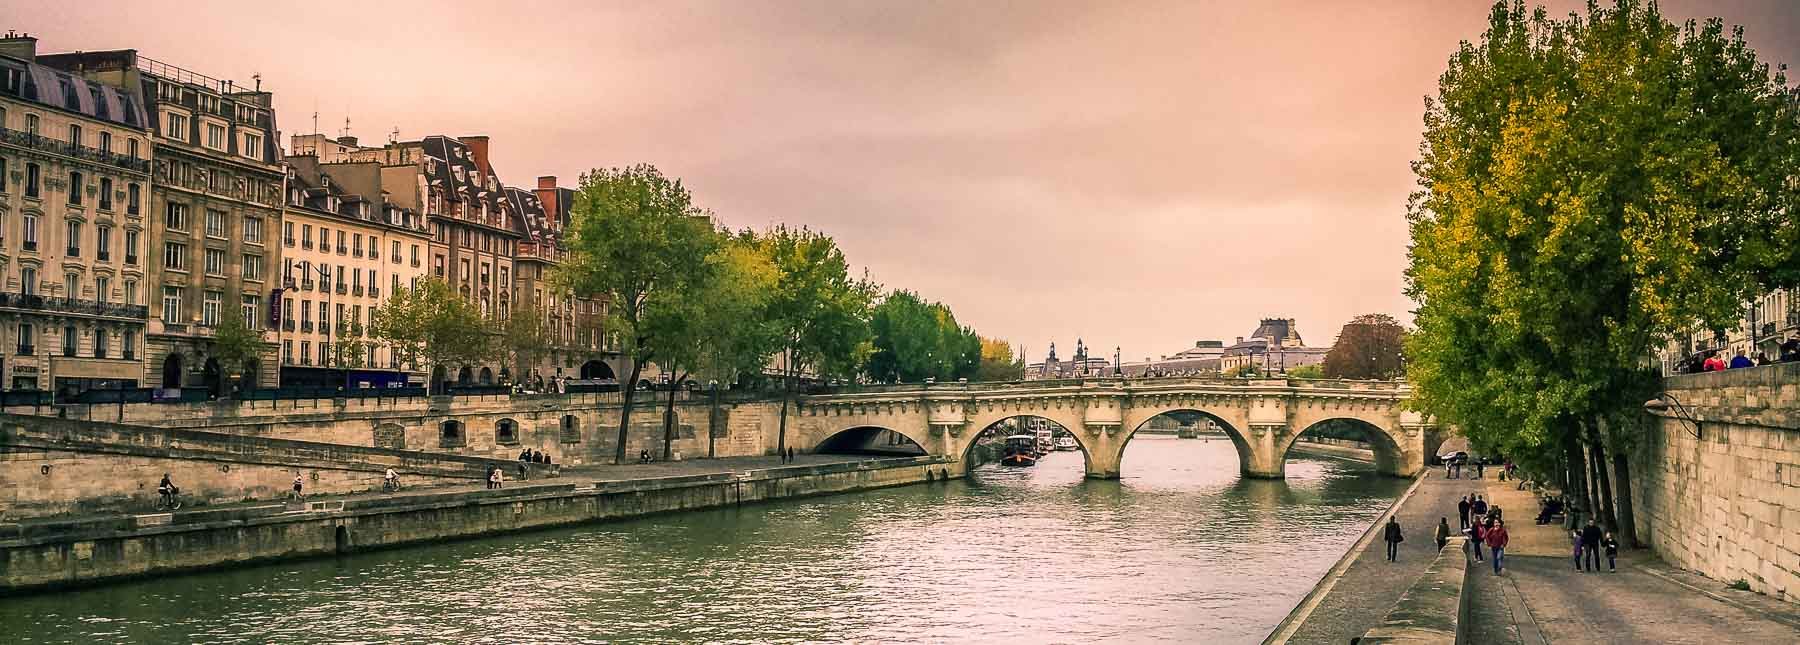 The Seine at dusk with bridge.